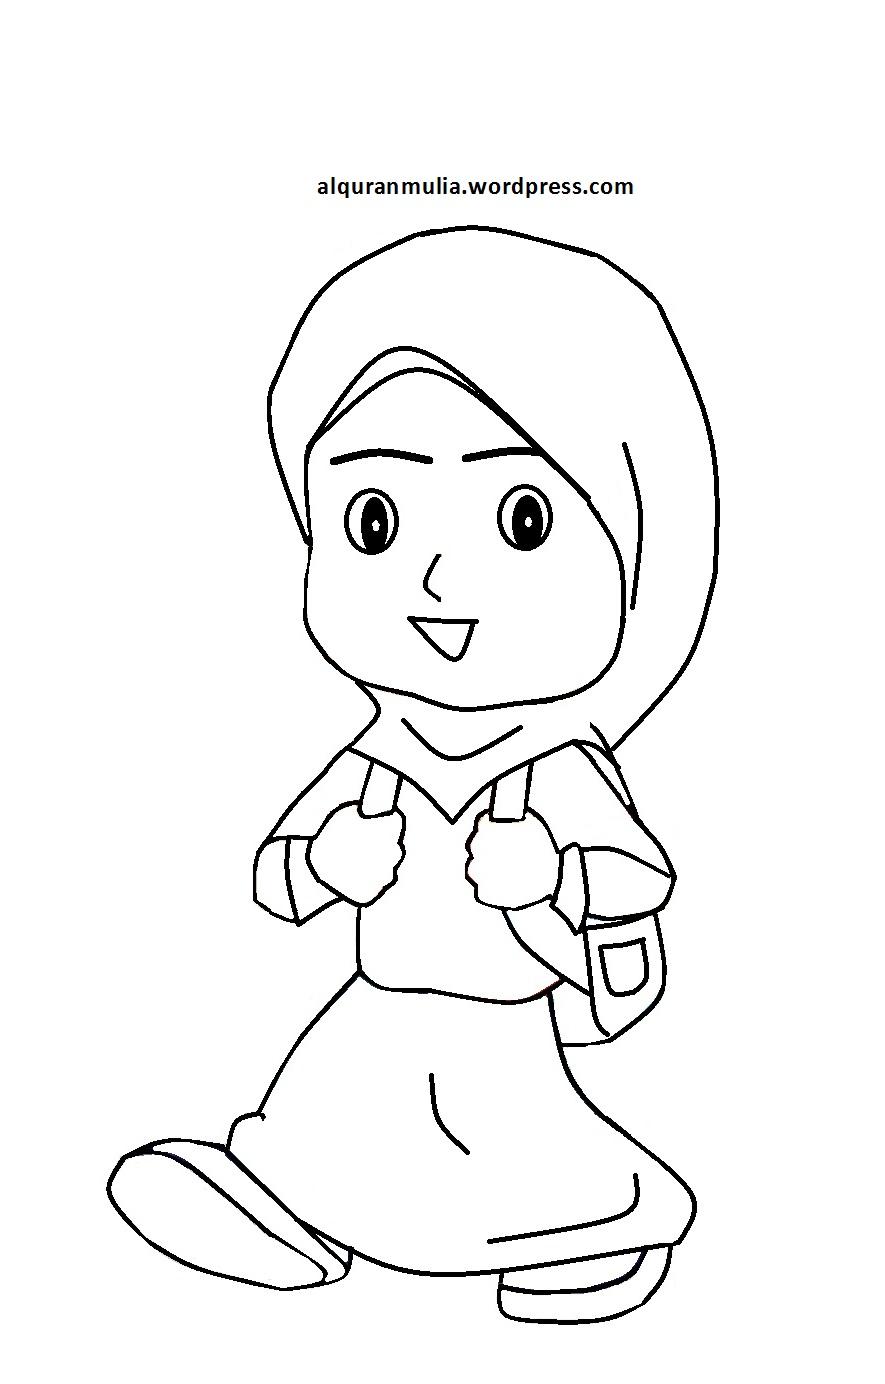 Mewarnai Gambar Kartun Anak Muslimah 56 Alquranmulia